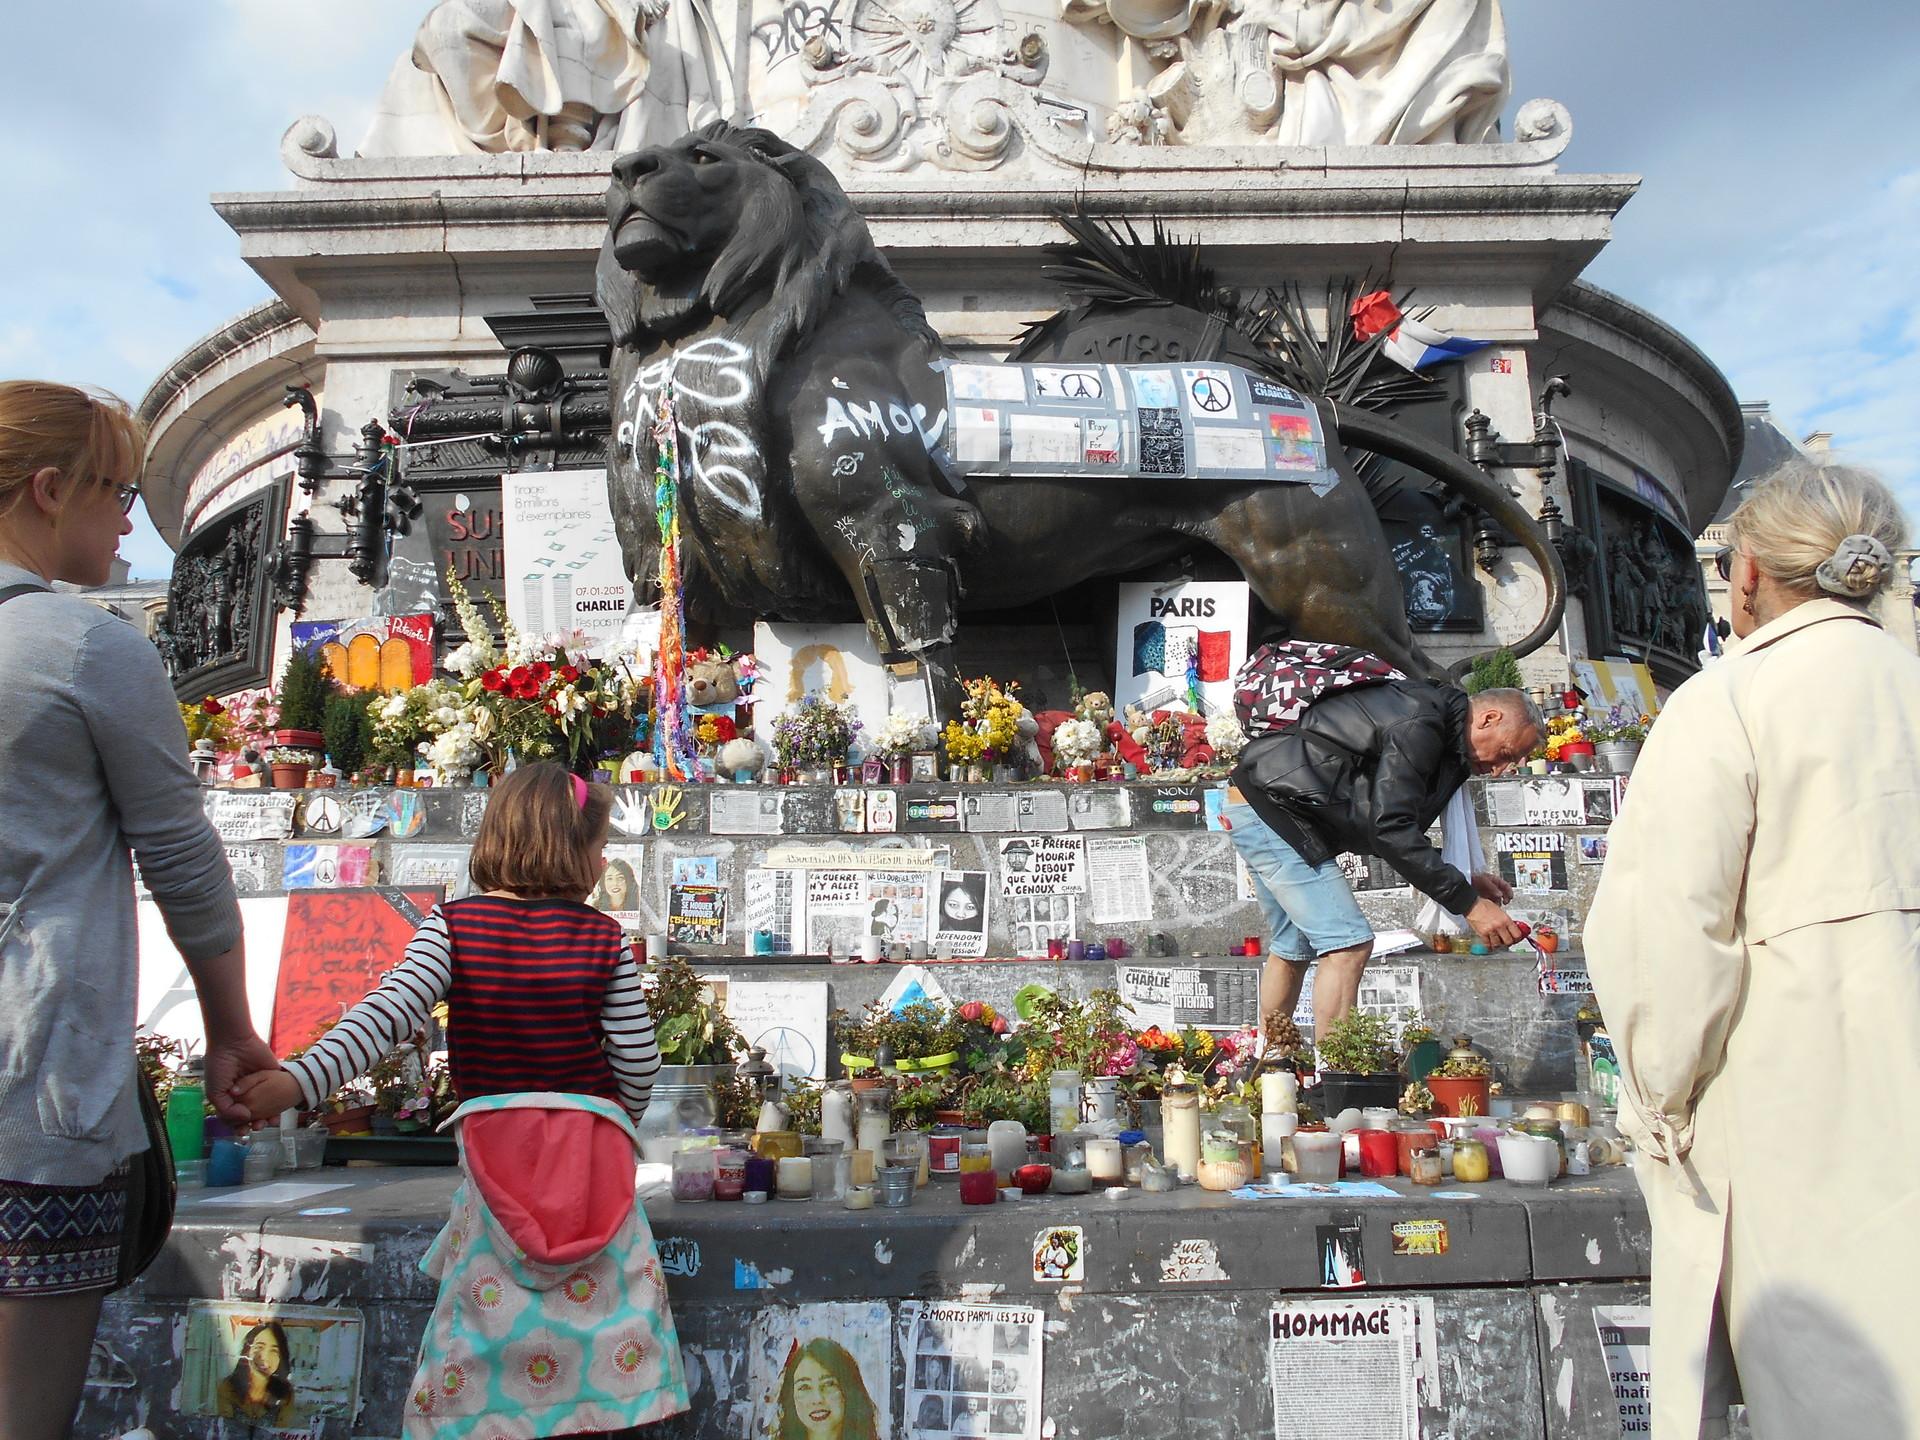 El monumento central, memorial de los atentados y eco de las protestas